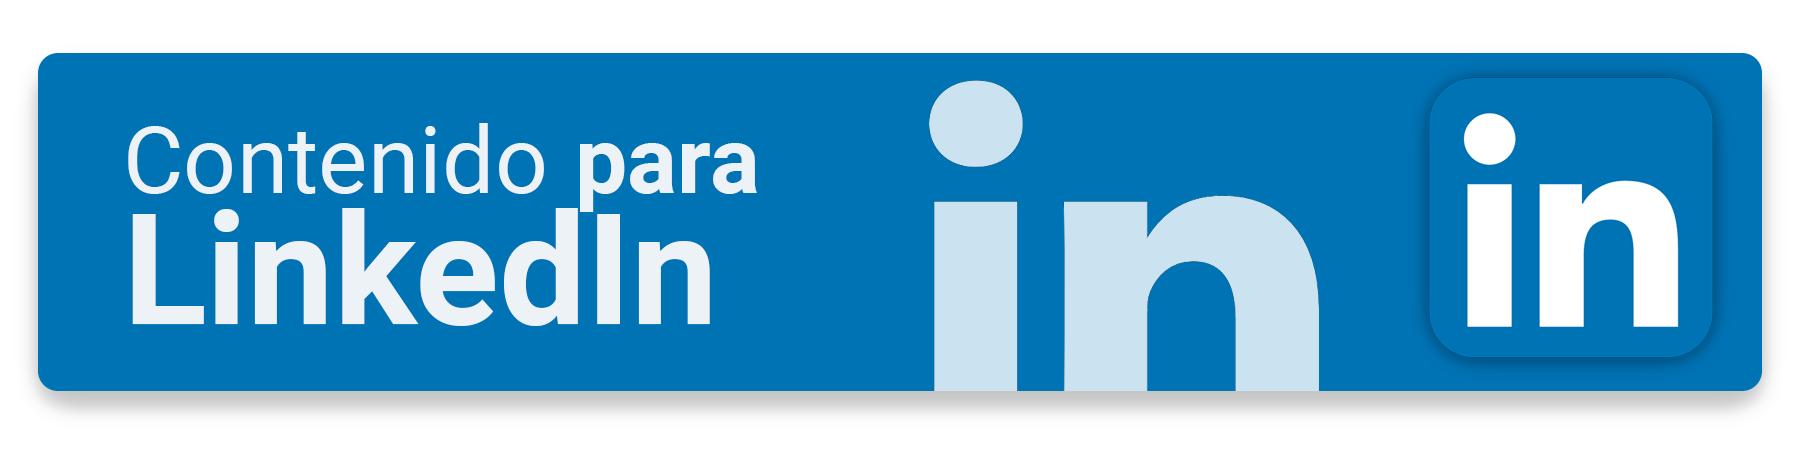 contenido-para-linkedin